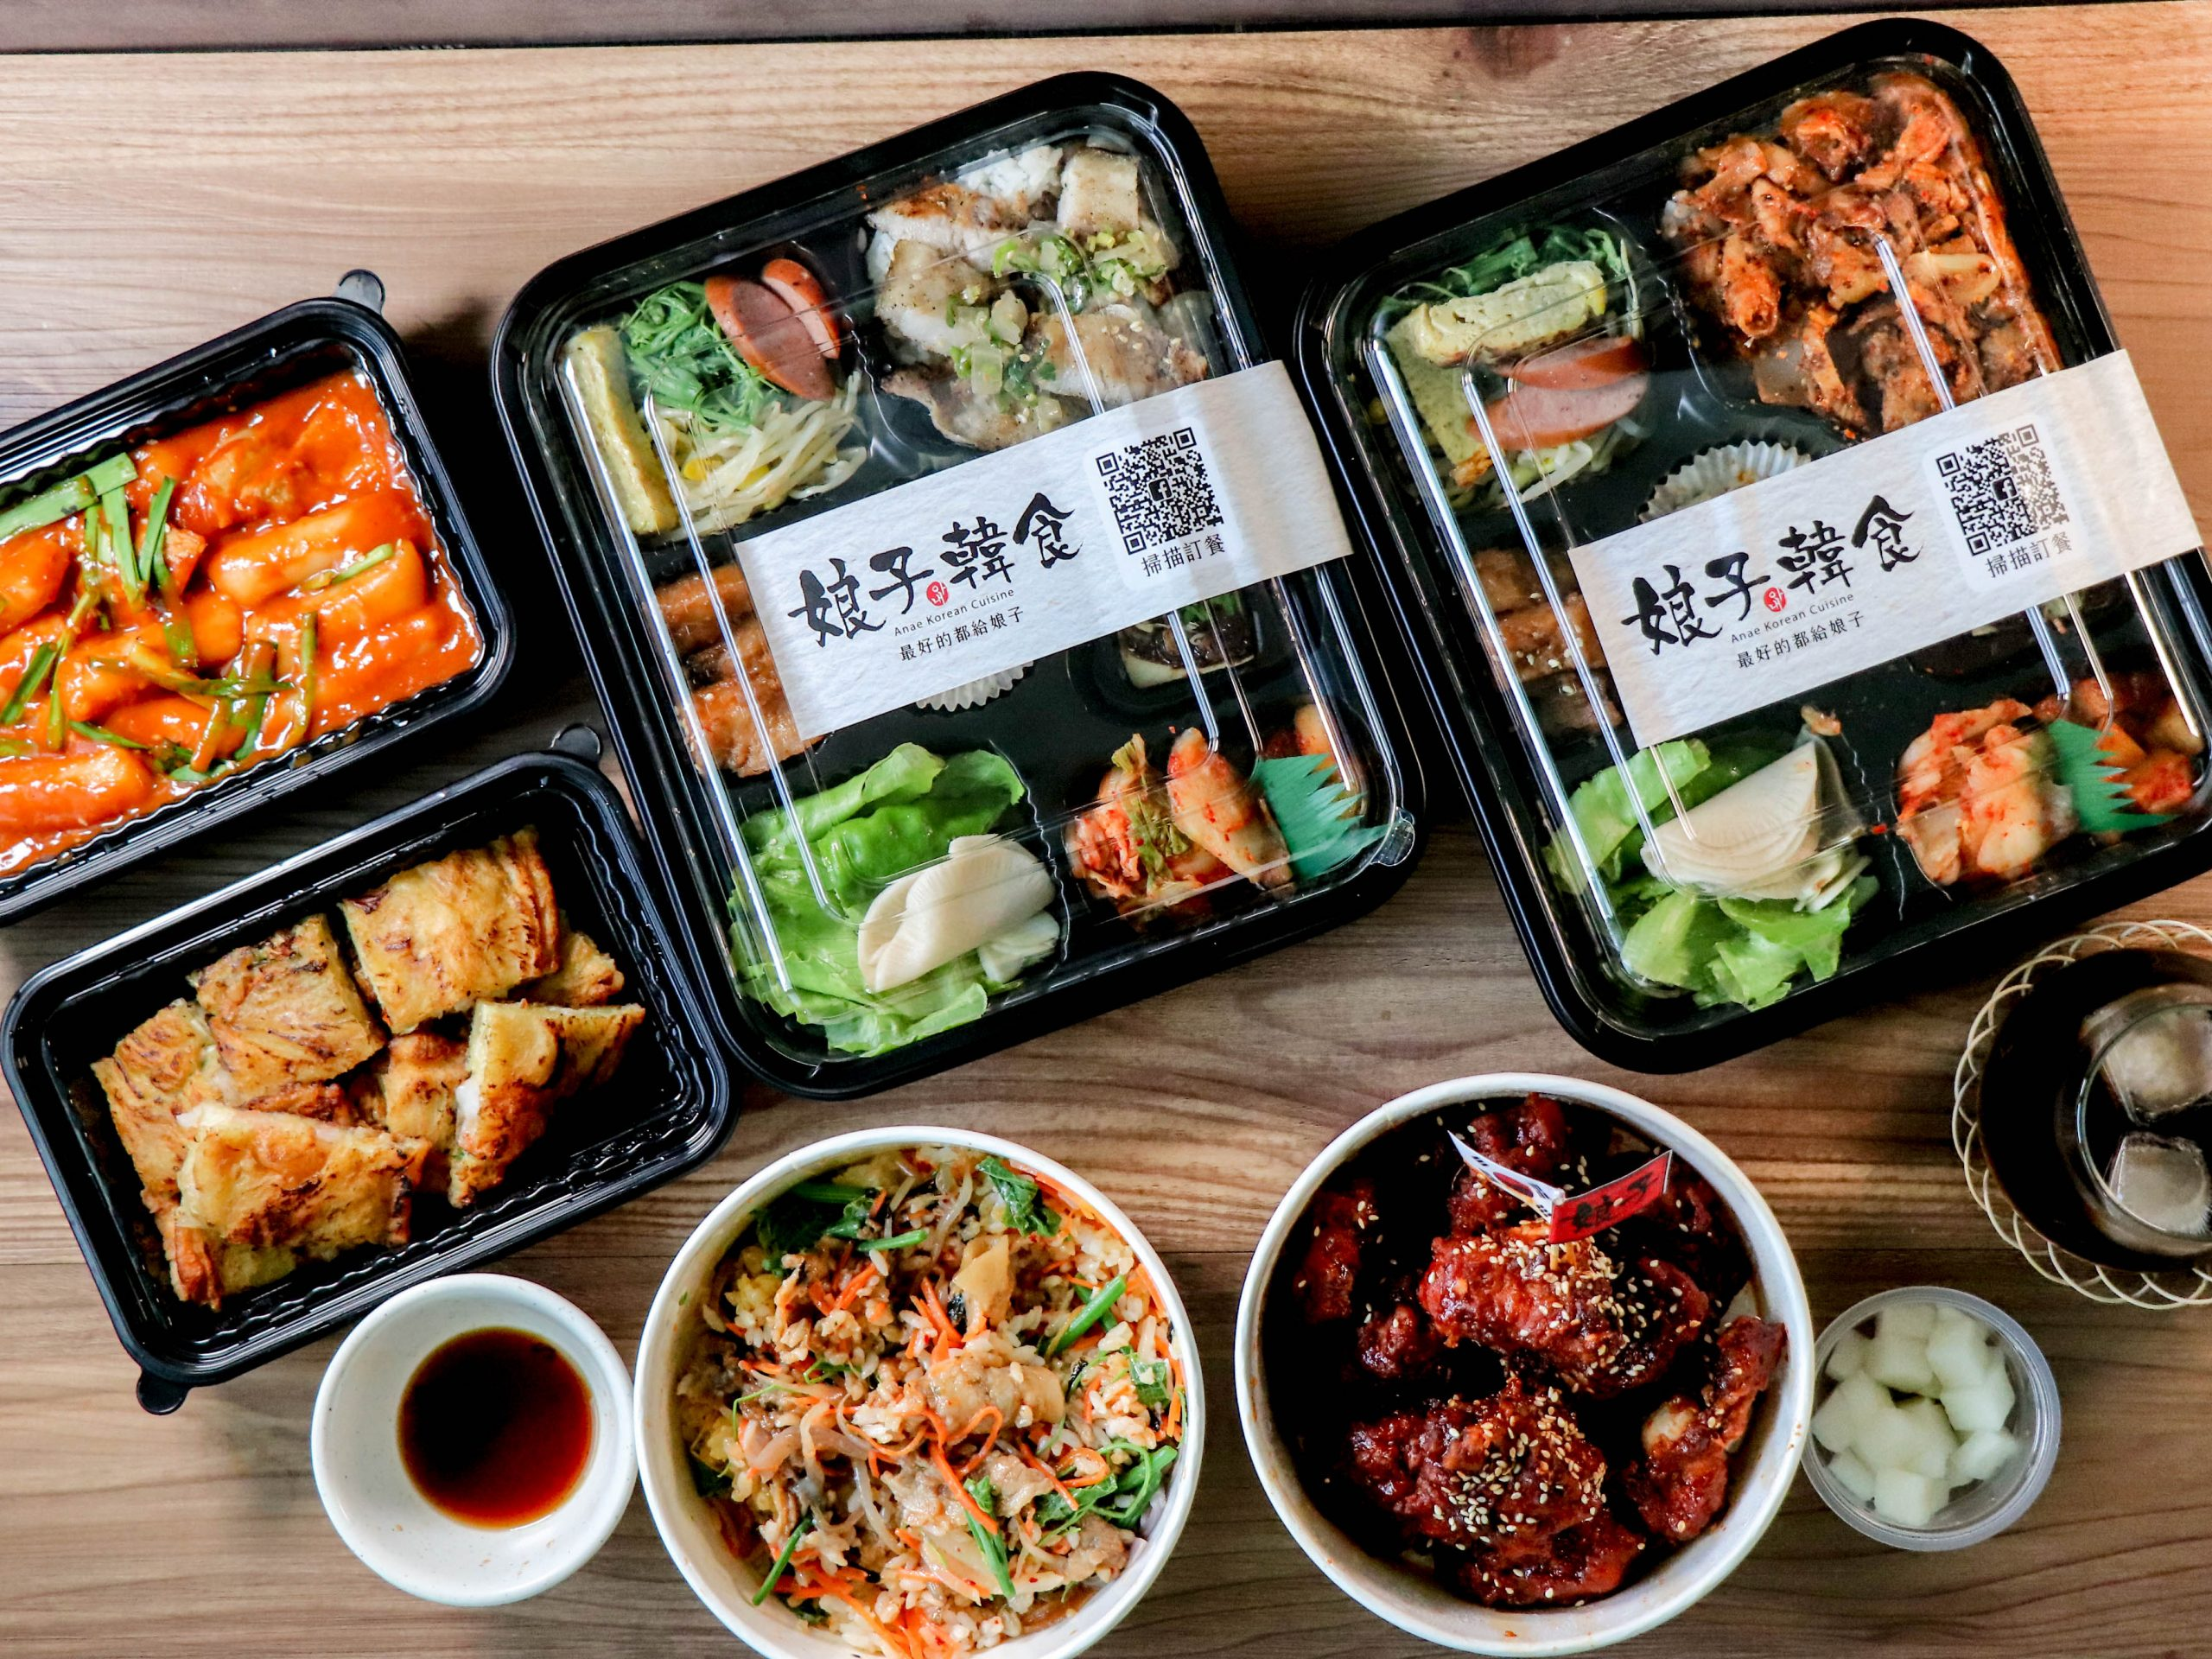 娘子韓食外帶餐點|在家也能吃到精緻韓式料理,提前訂餐九折優惠/菜單